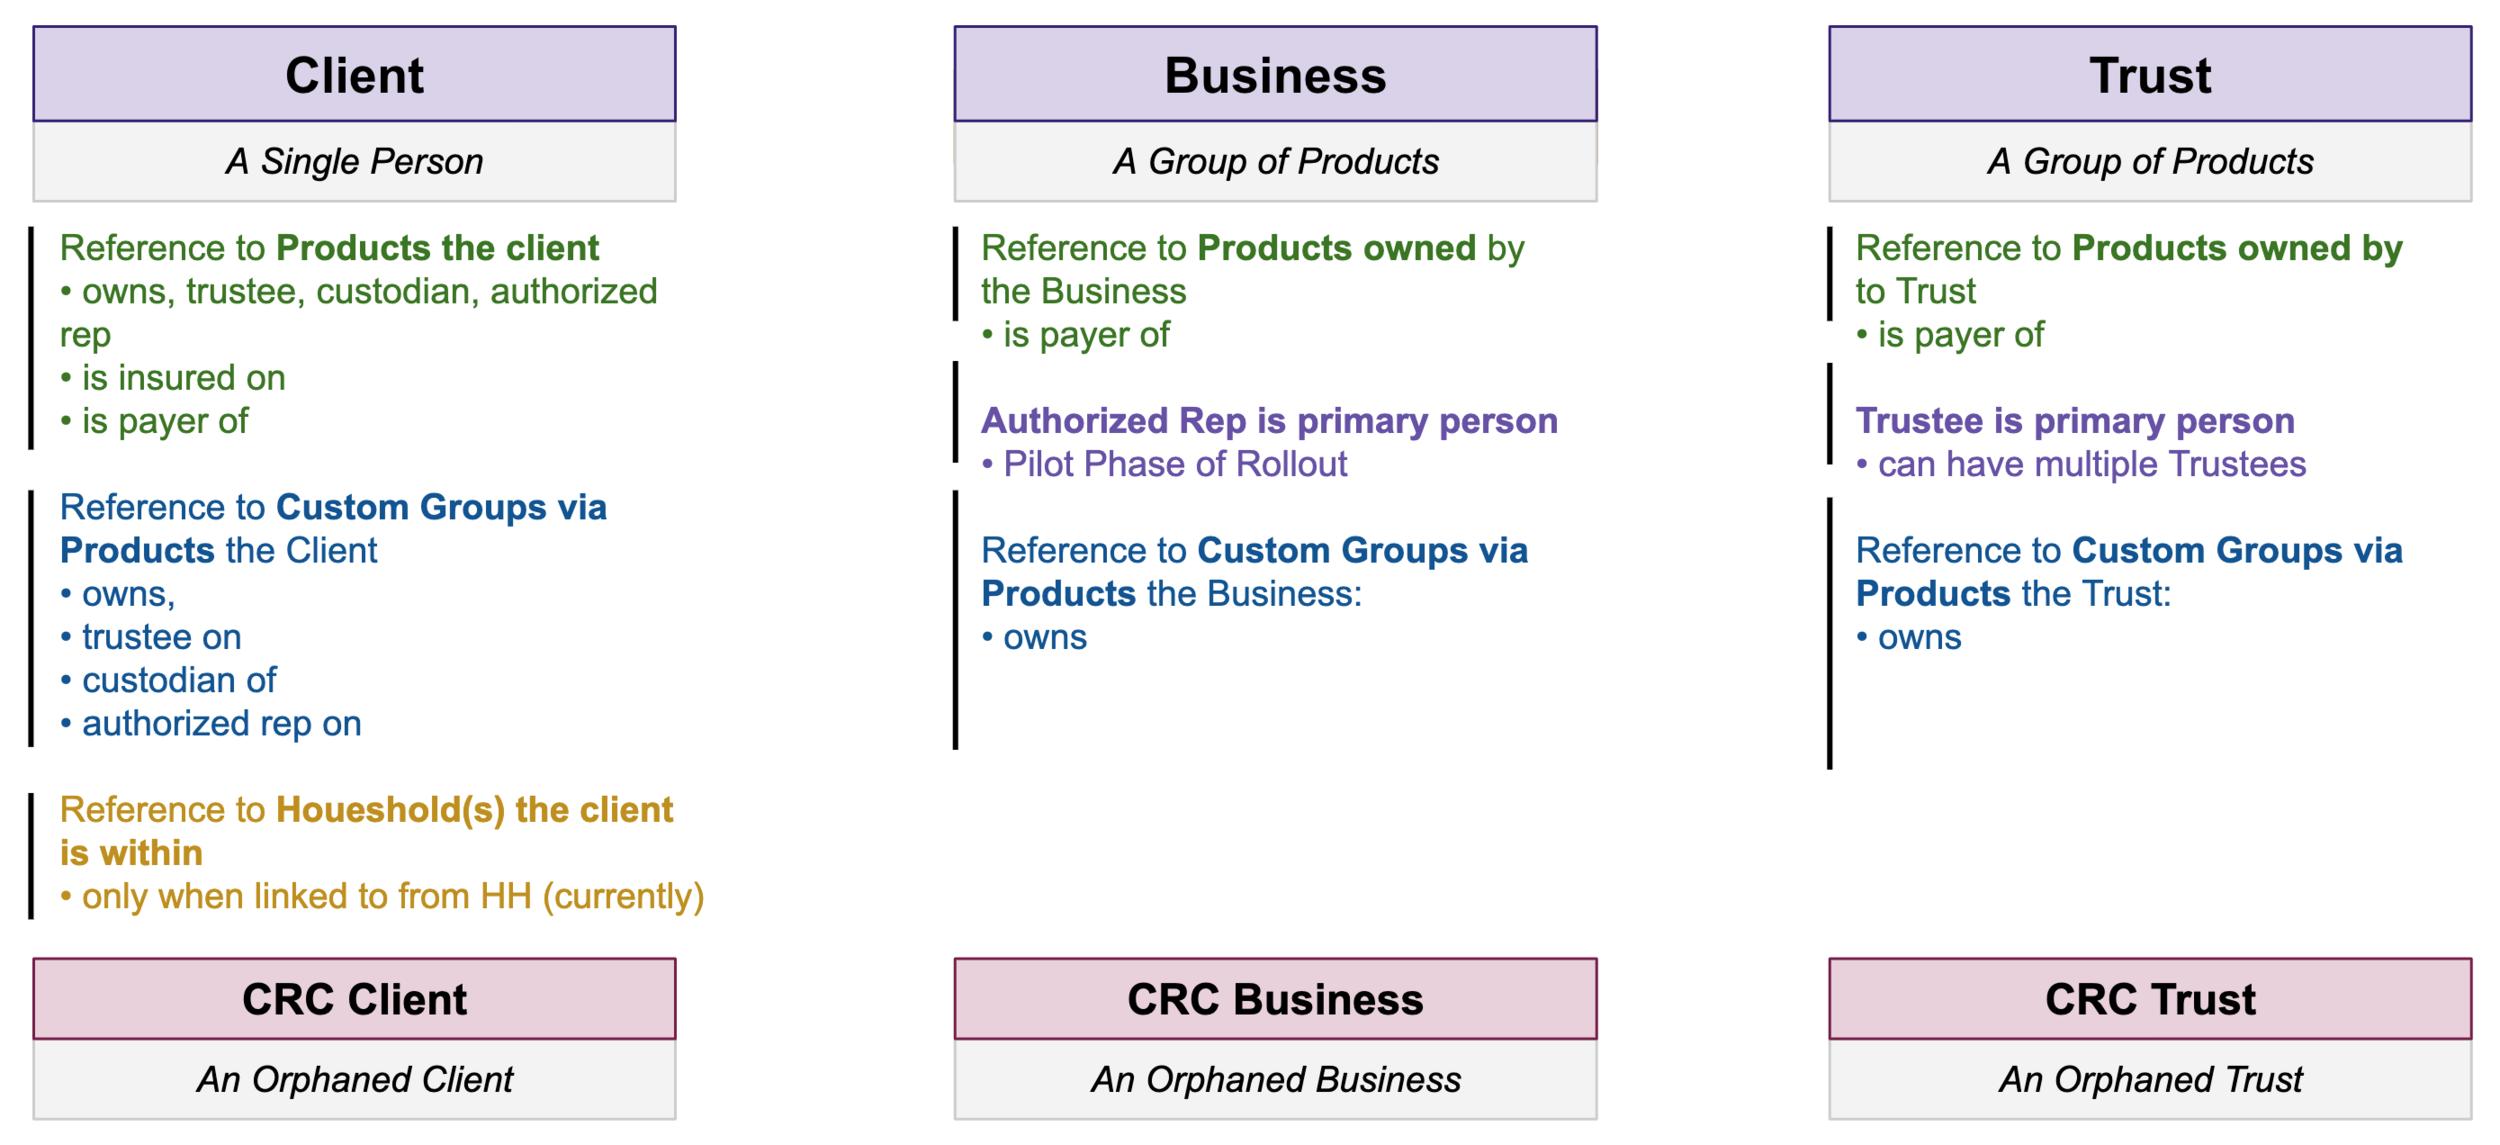 Primary context designations